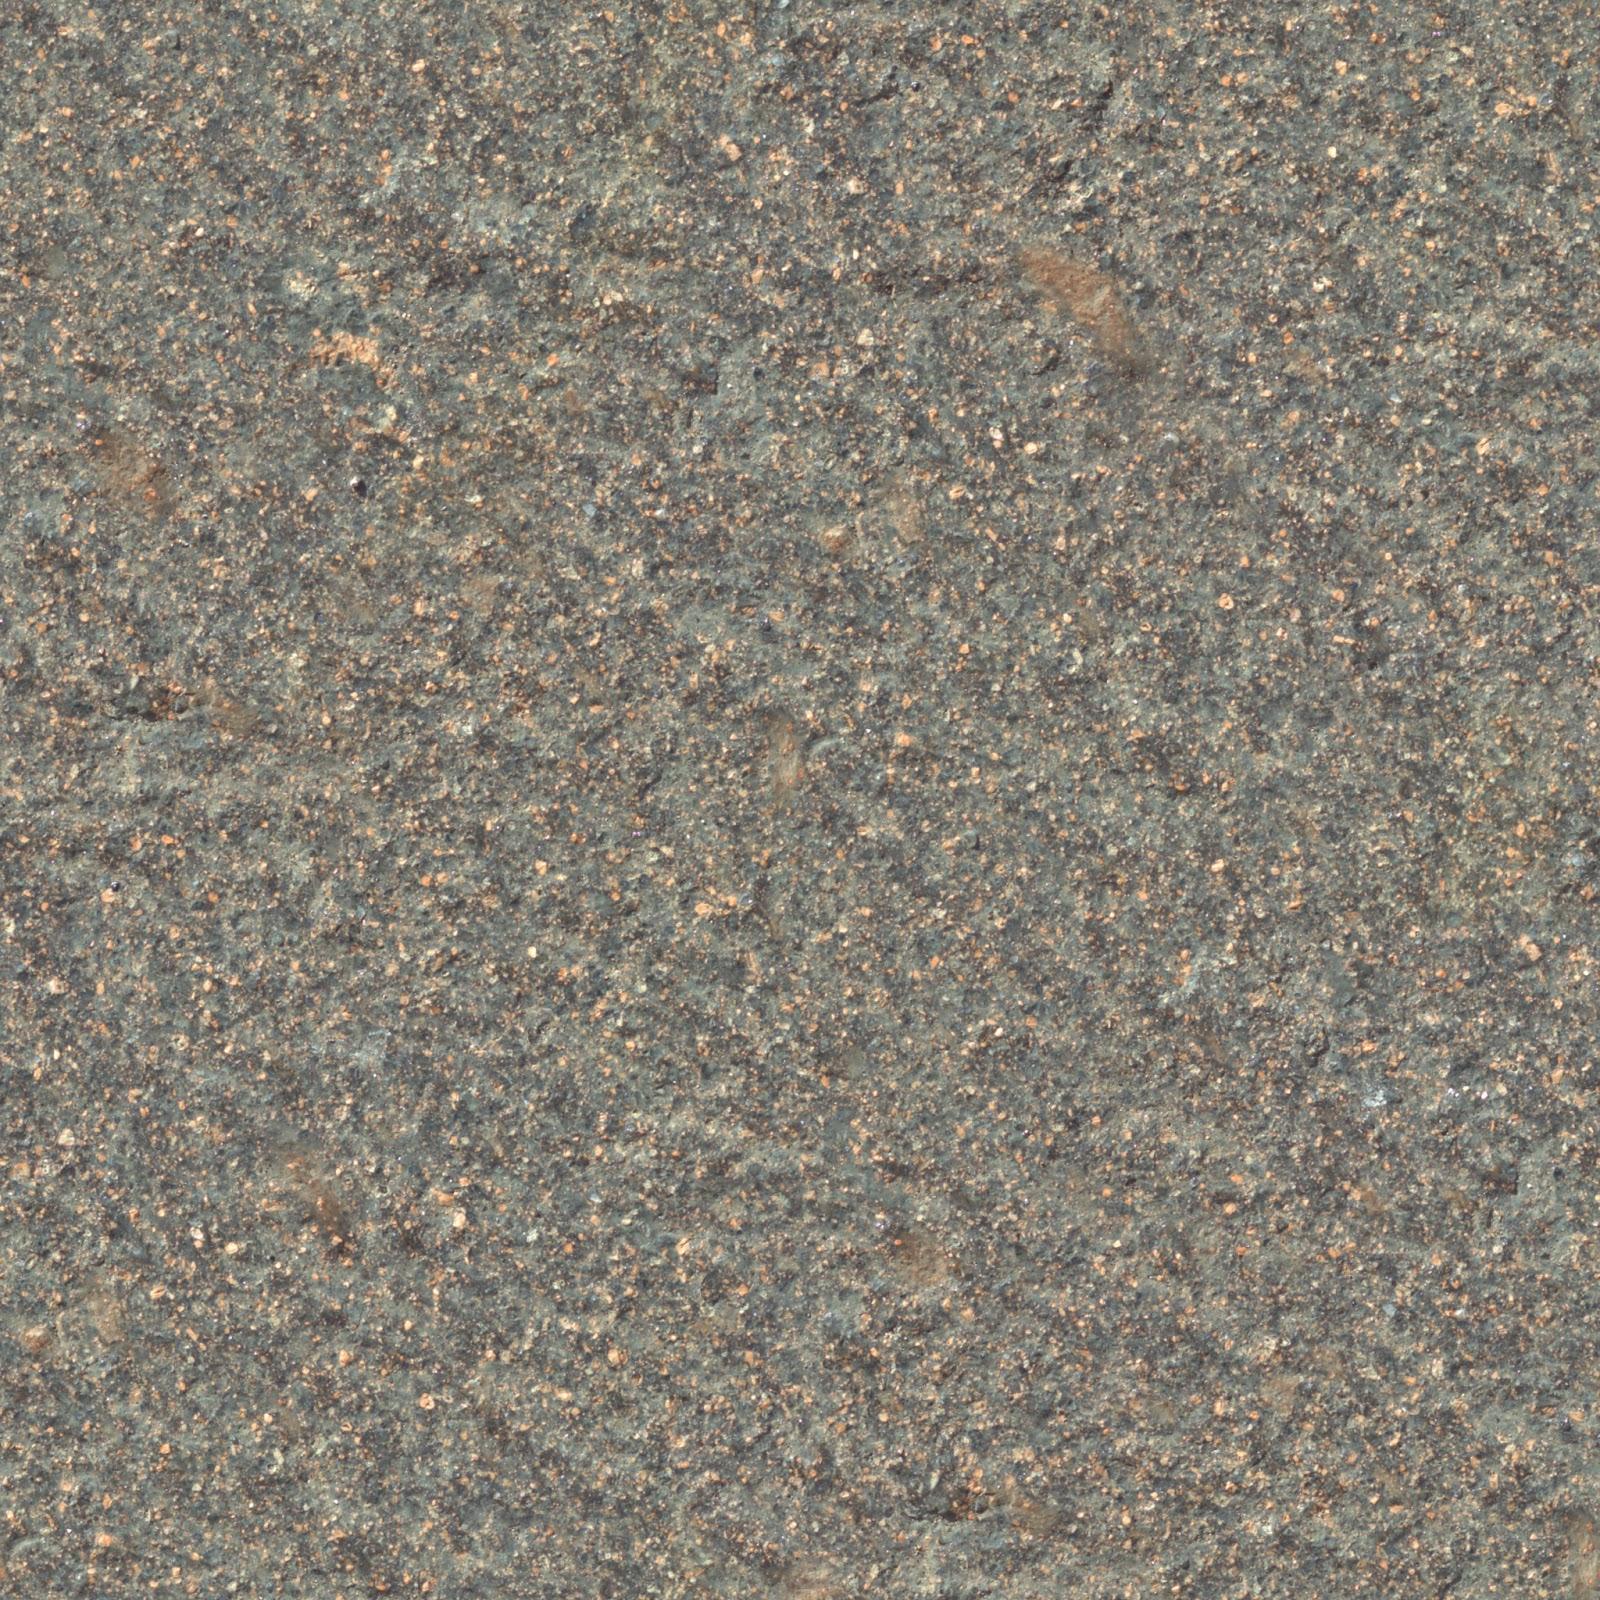 Stone marble concrete seamless texture 2048x2048